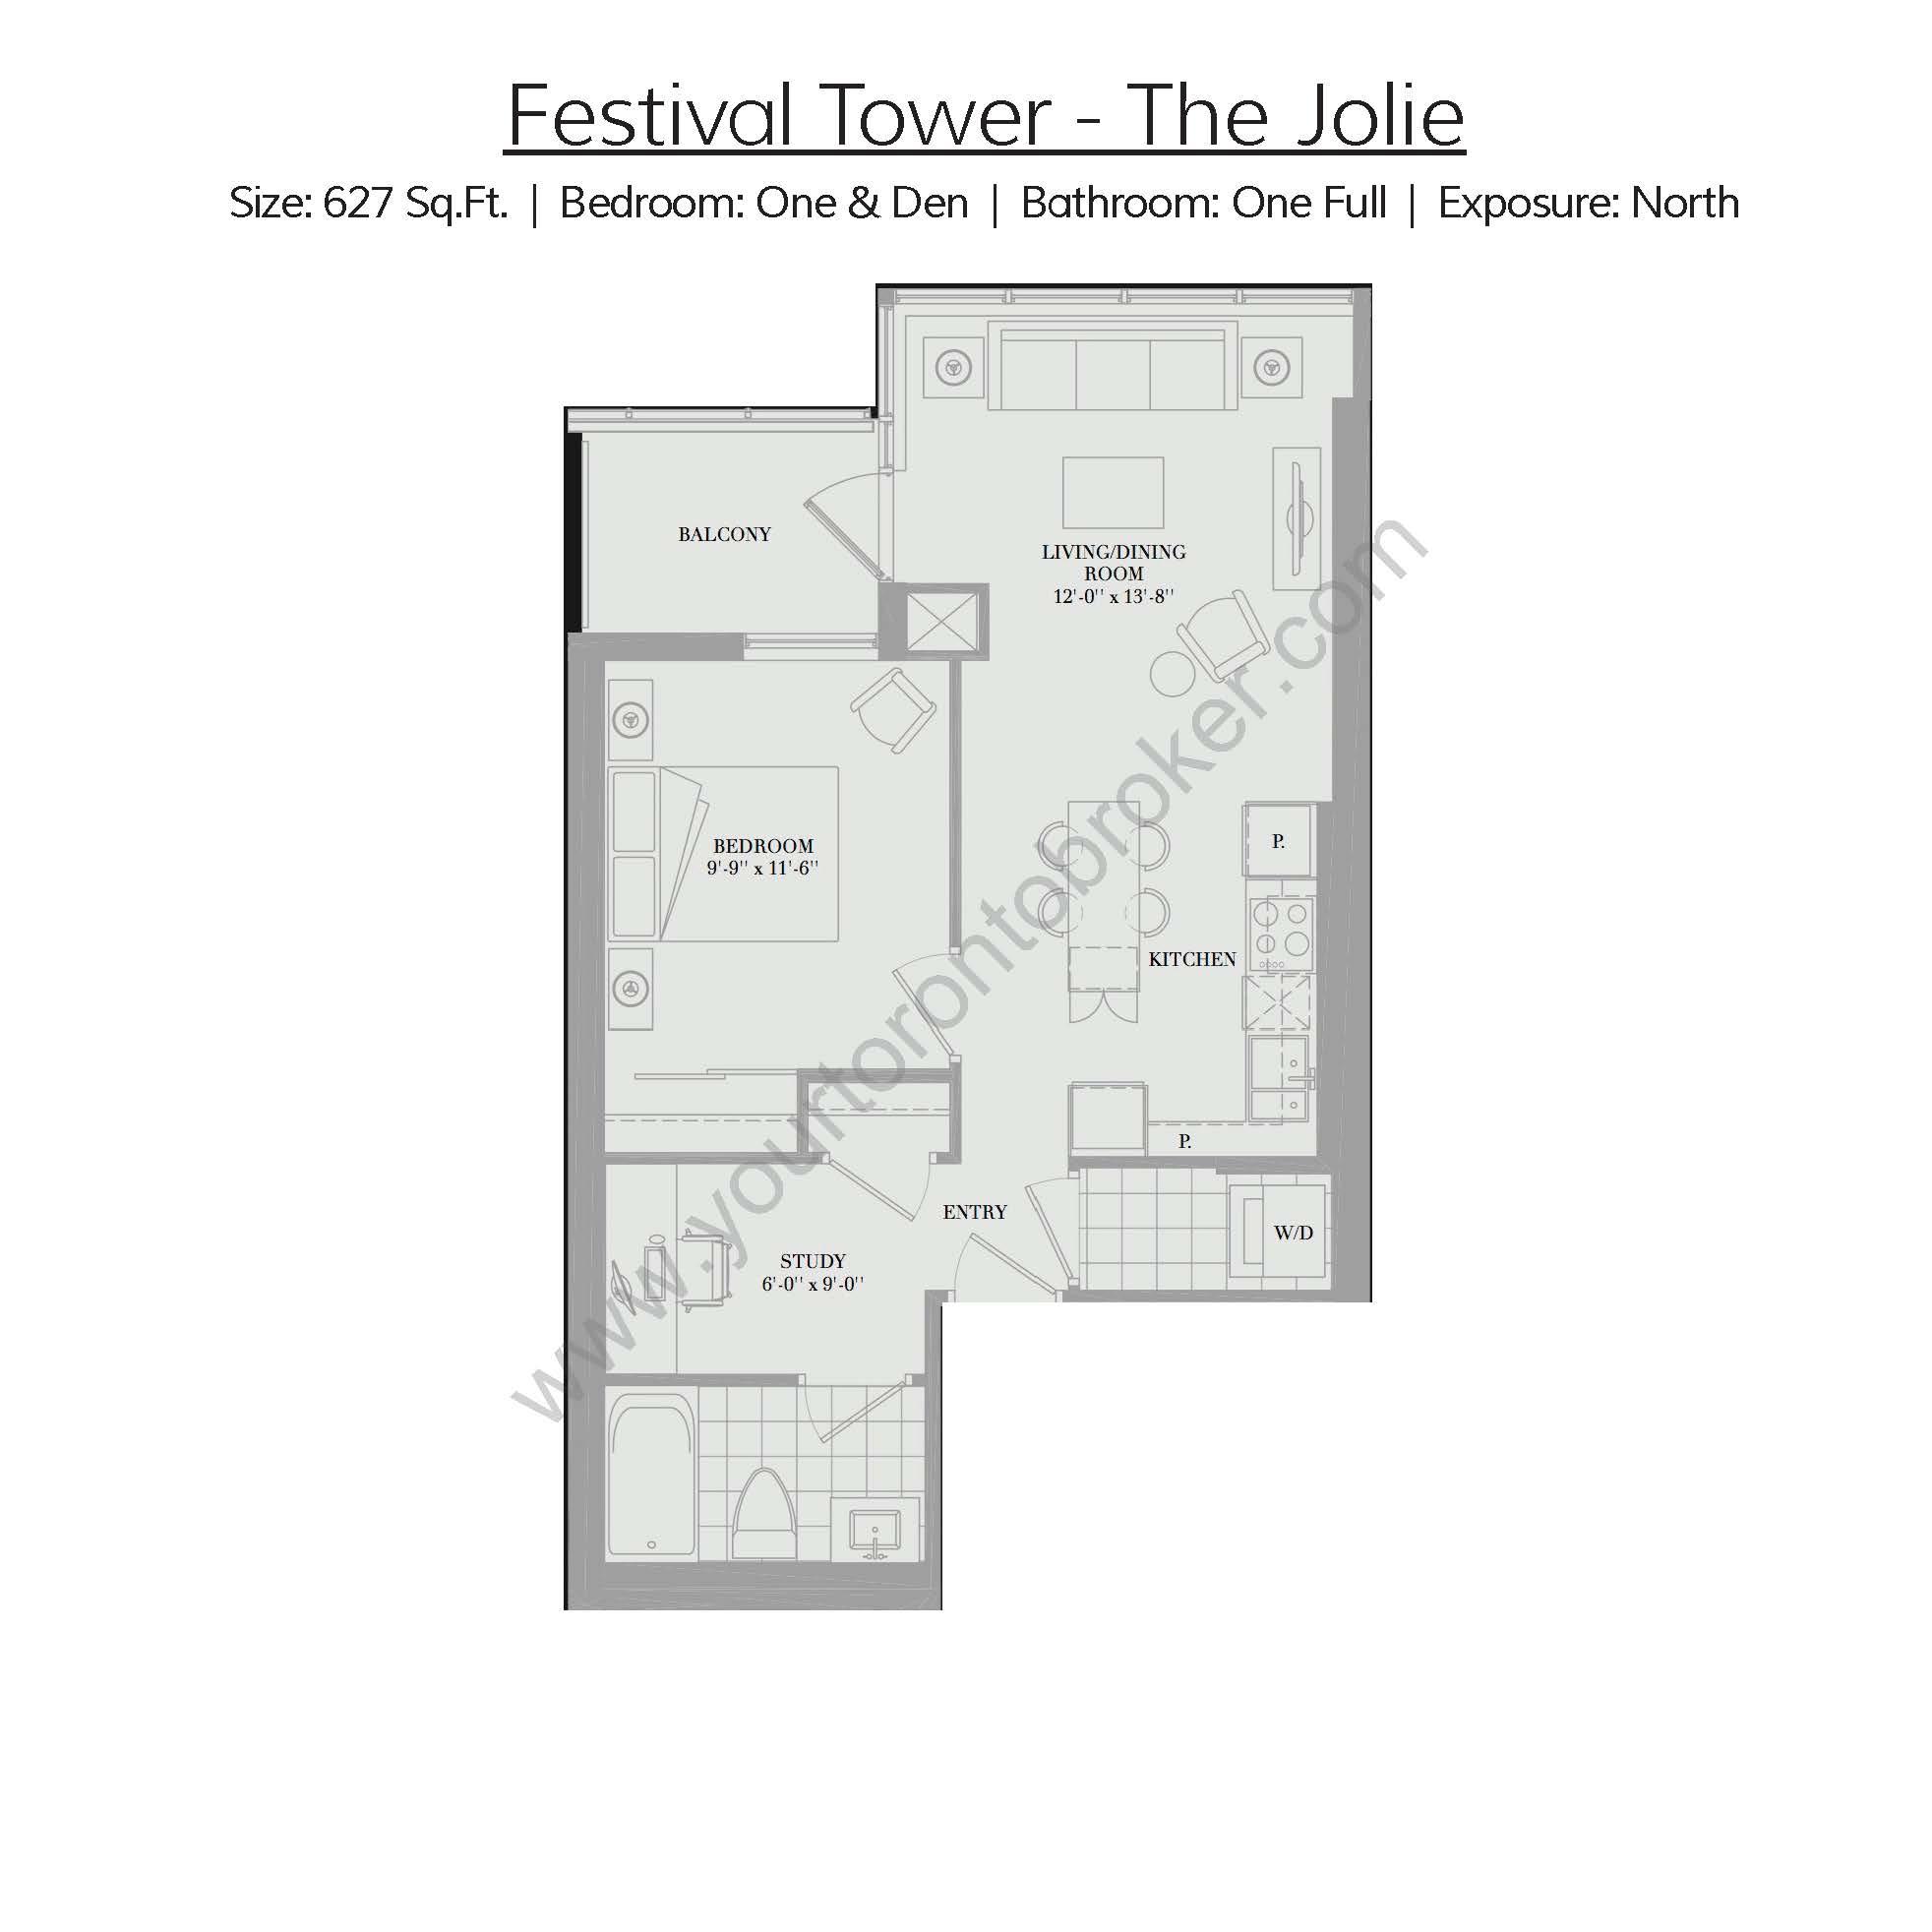 Festival Tower